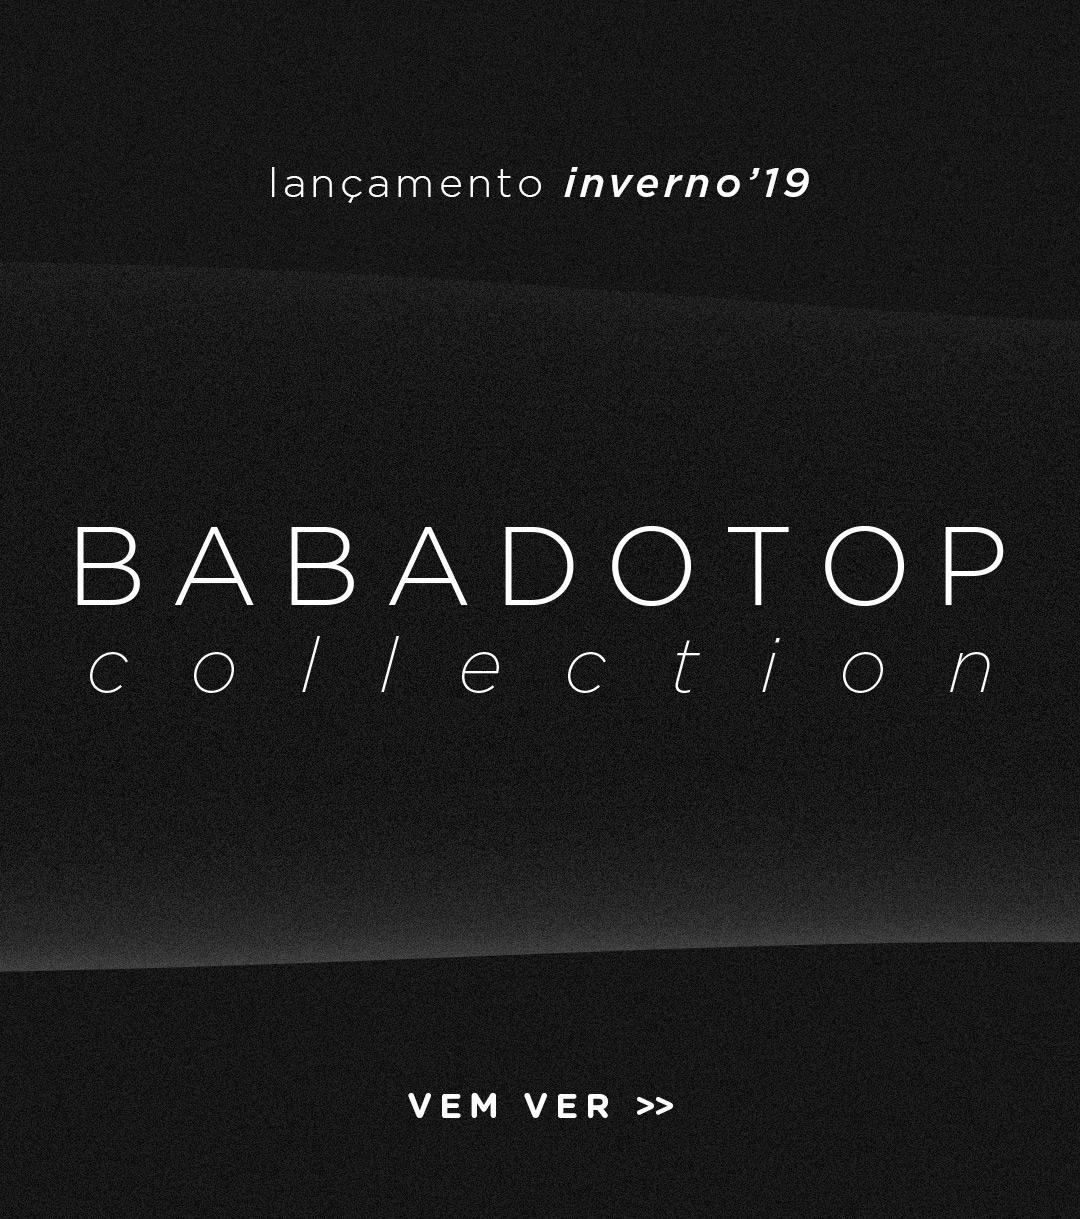 BabadotopInv19